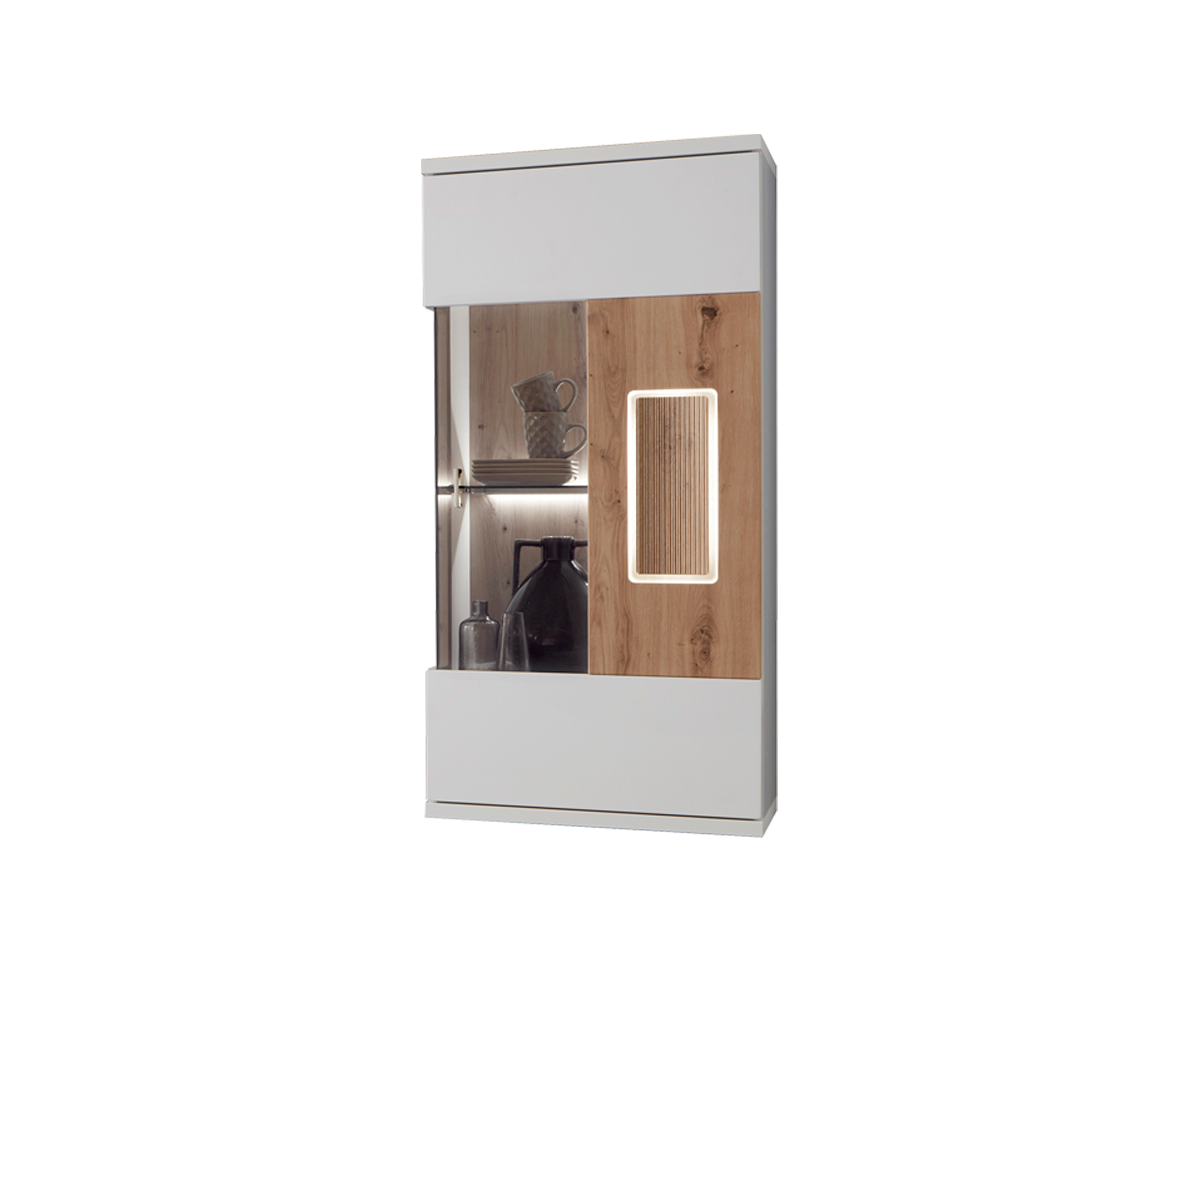 Ideal-Möbel Falan Hängevitrine Type 22 für Ihr Wohnzimmer moderne Vitrine  mit 1 Glastür Korpus in Weiß mit Absetzungen in Eiche Artisan Folie ...